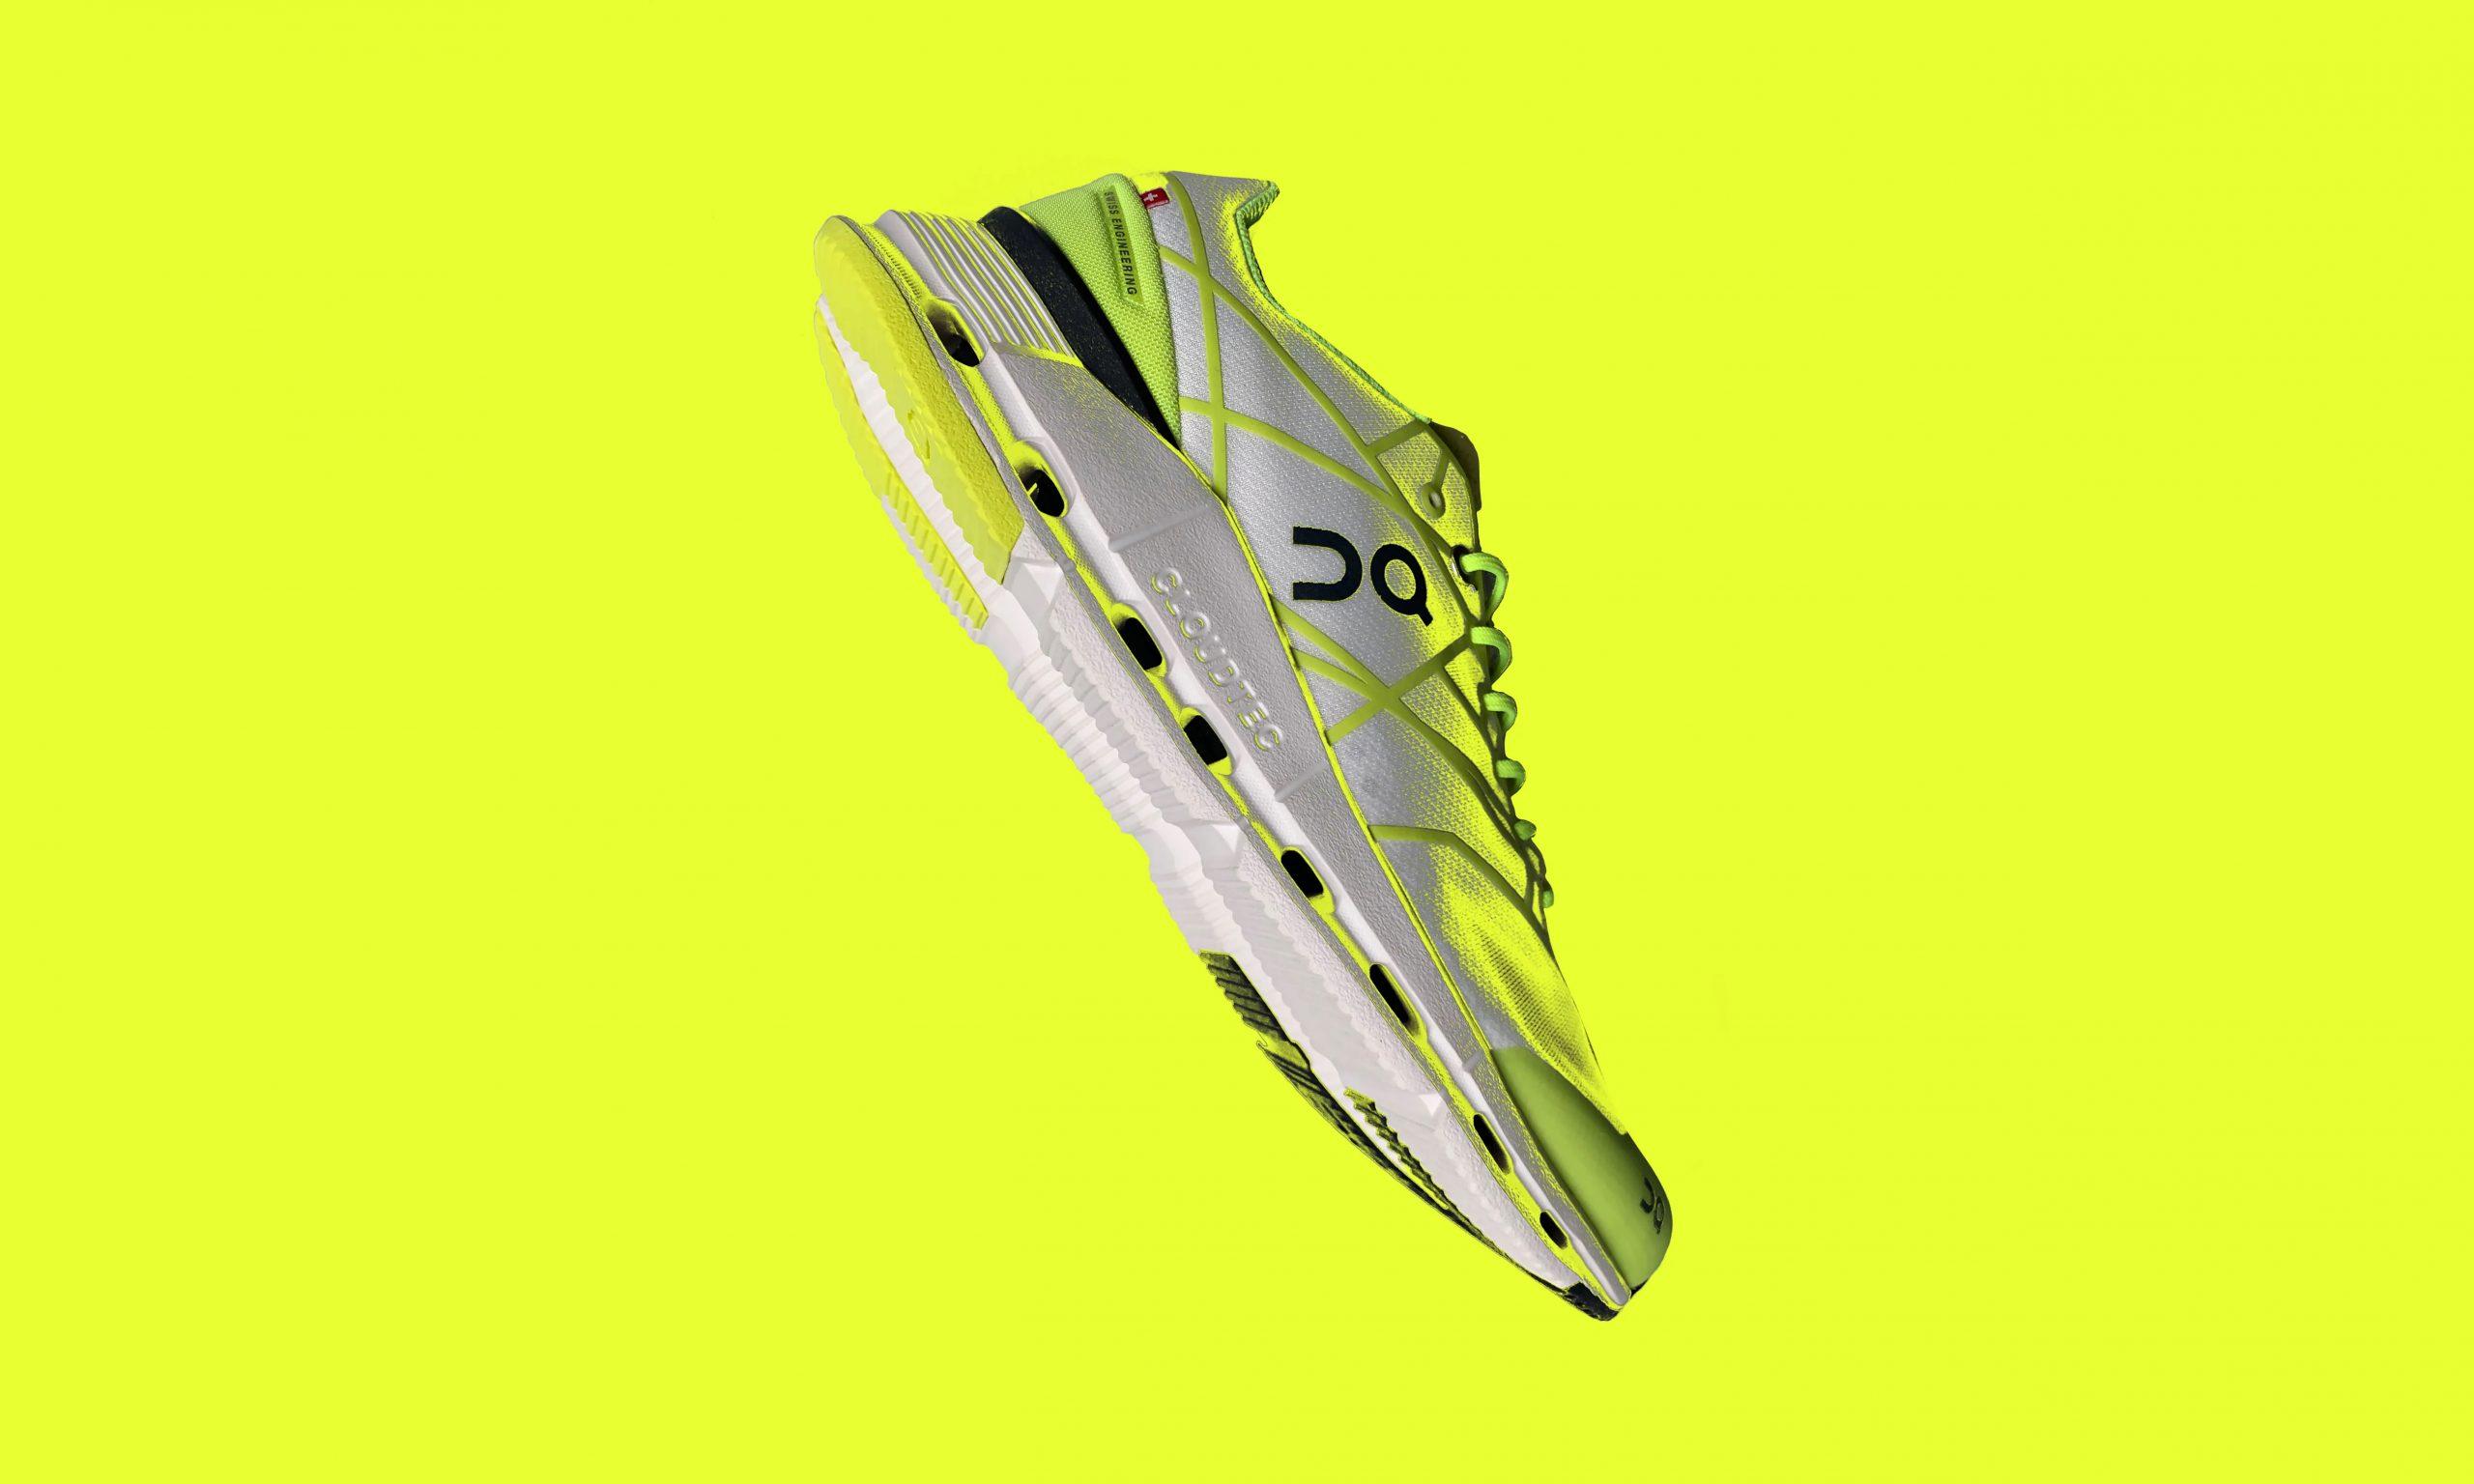 On 昂跑最具实验性的鞋作 Cloudnova Z5 于 SKP-S 独家限量发售